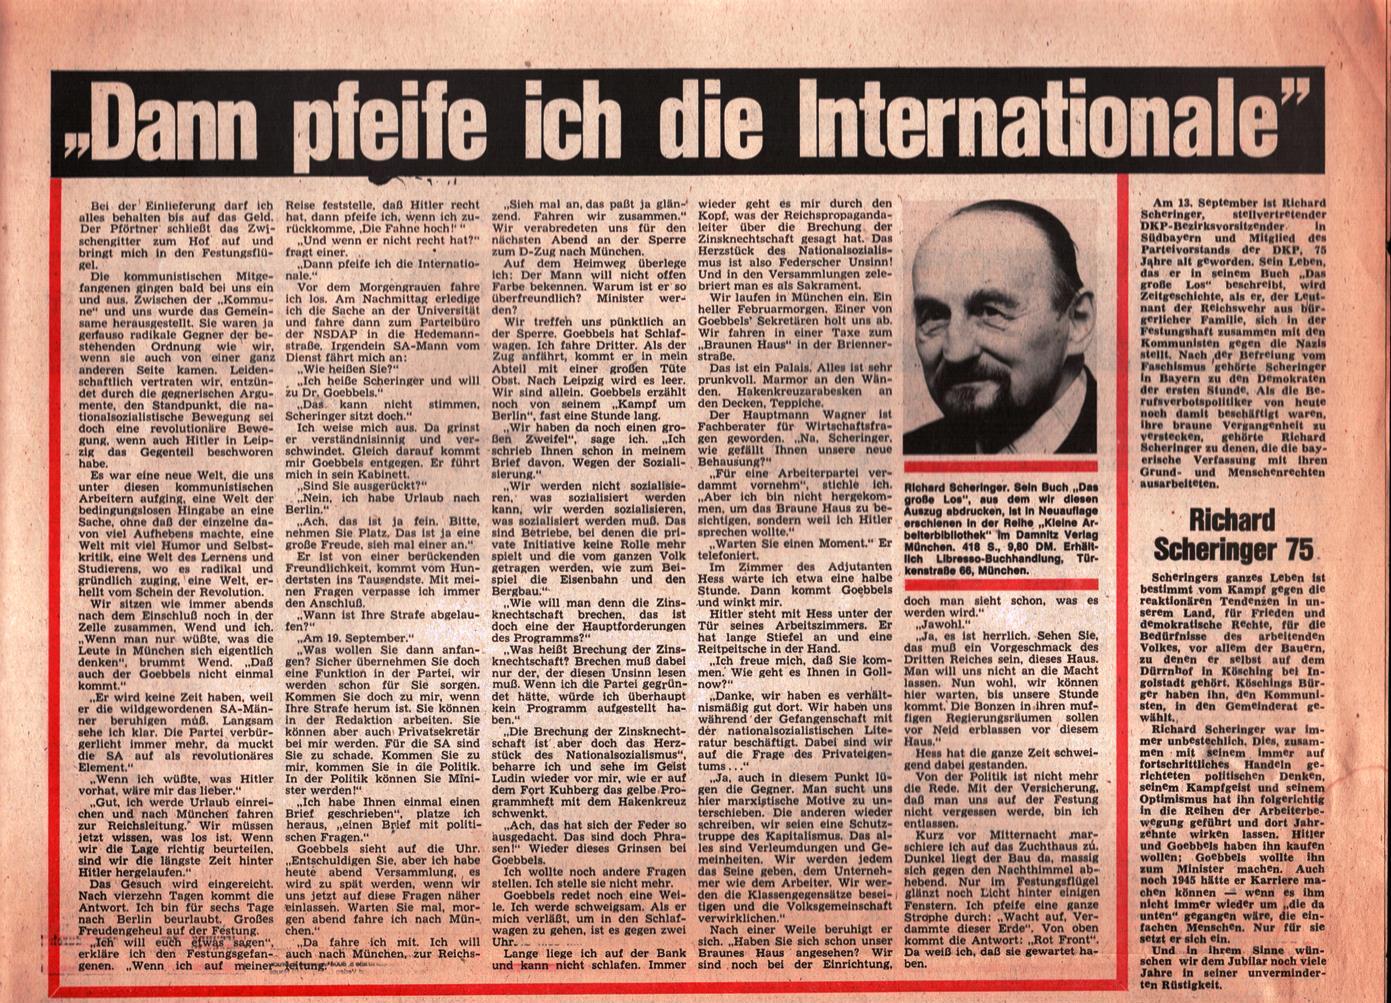 Muenchen_DKP_Neues_Muenchen_19790900_009_005